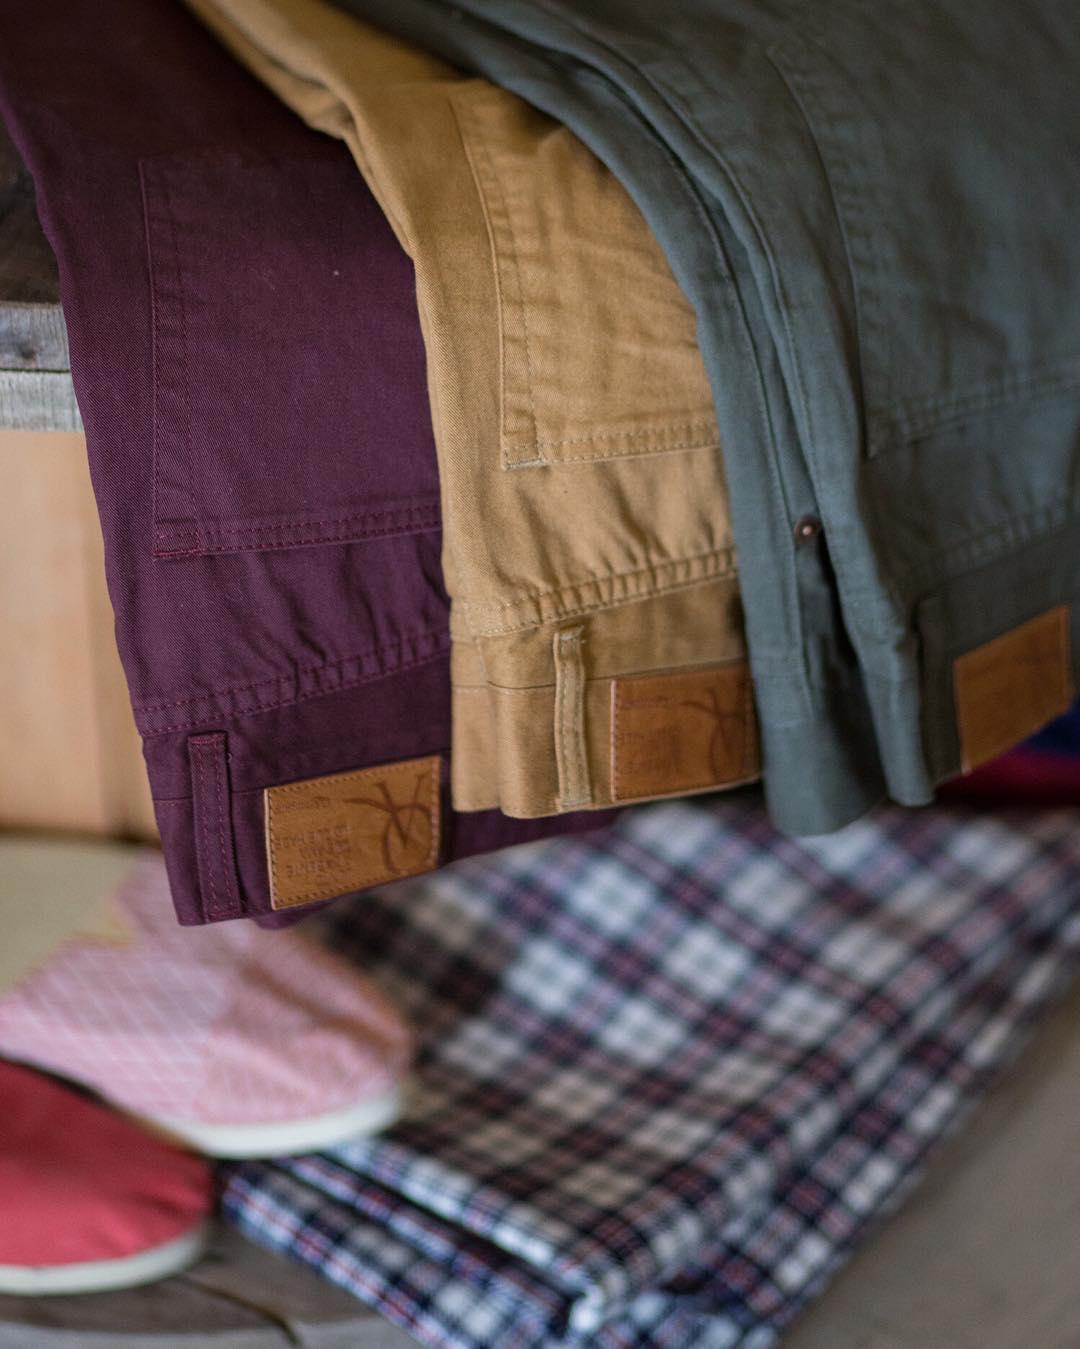 #pantalones 5 bolsillos: son todo lo que es #clásico, #funcional y de #moda. Y además vienen en 3 colores